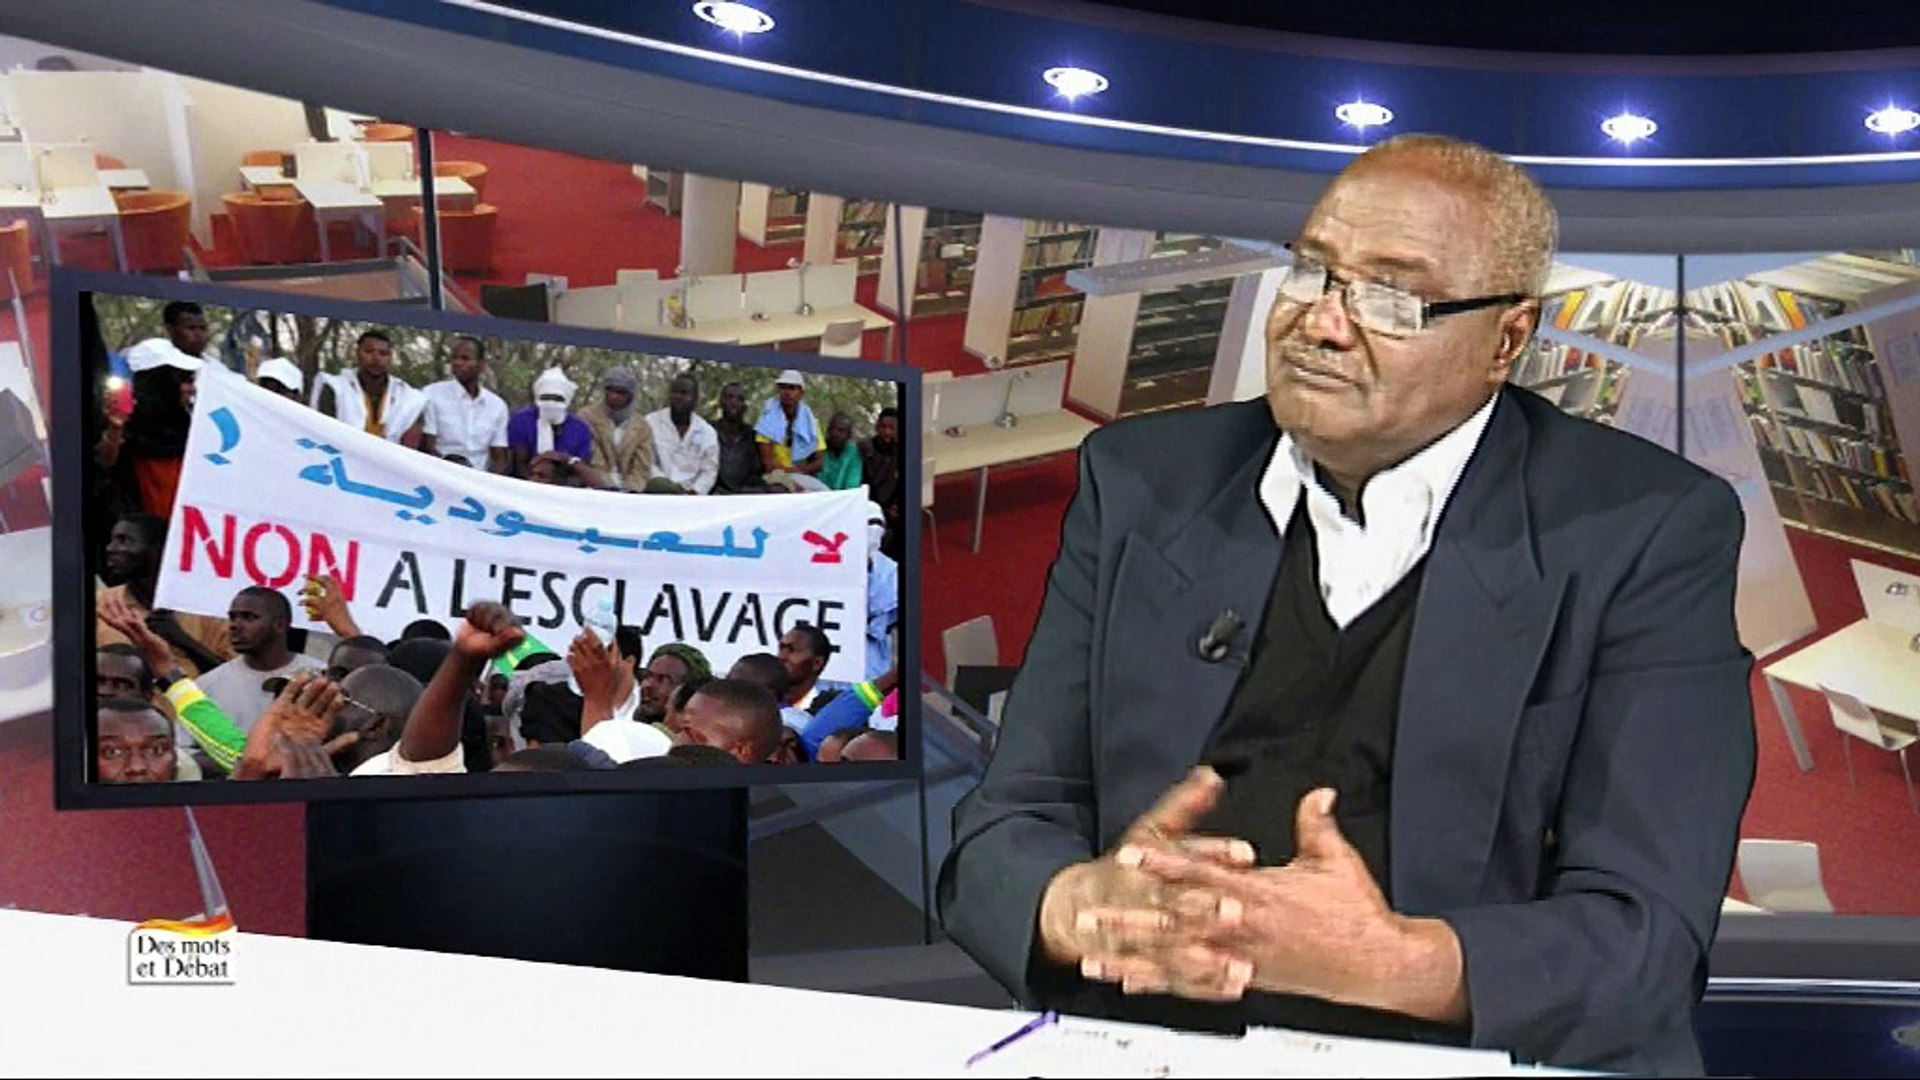 Des mots et Débat avec Mohamed Yahya Ould Ciré - Vidéo Dailymotion